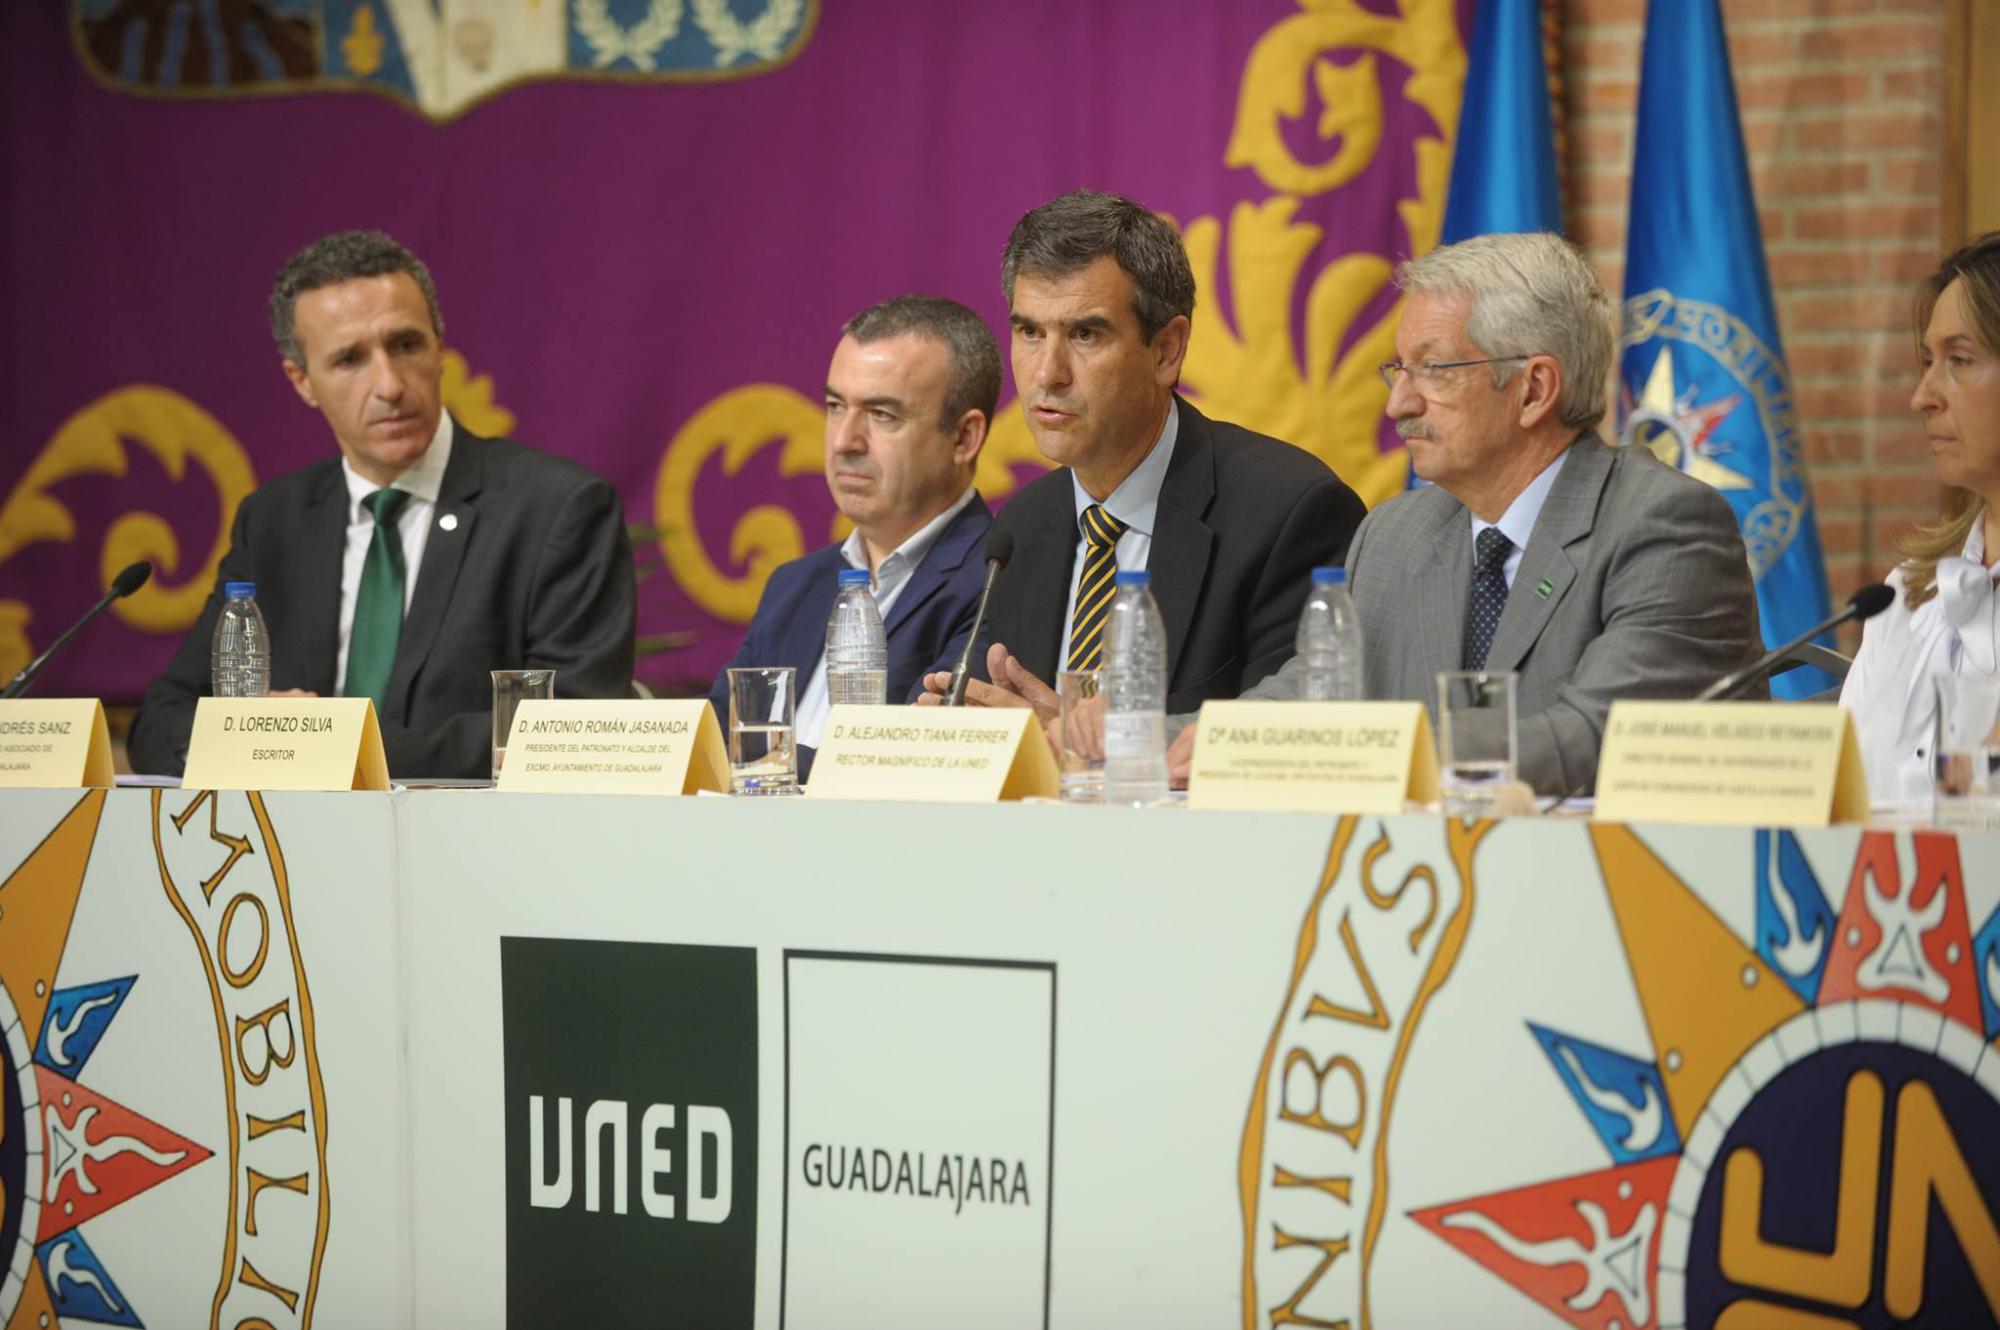 Inaugurado el curso académico de la UNED